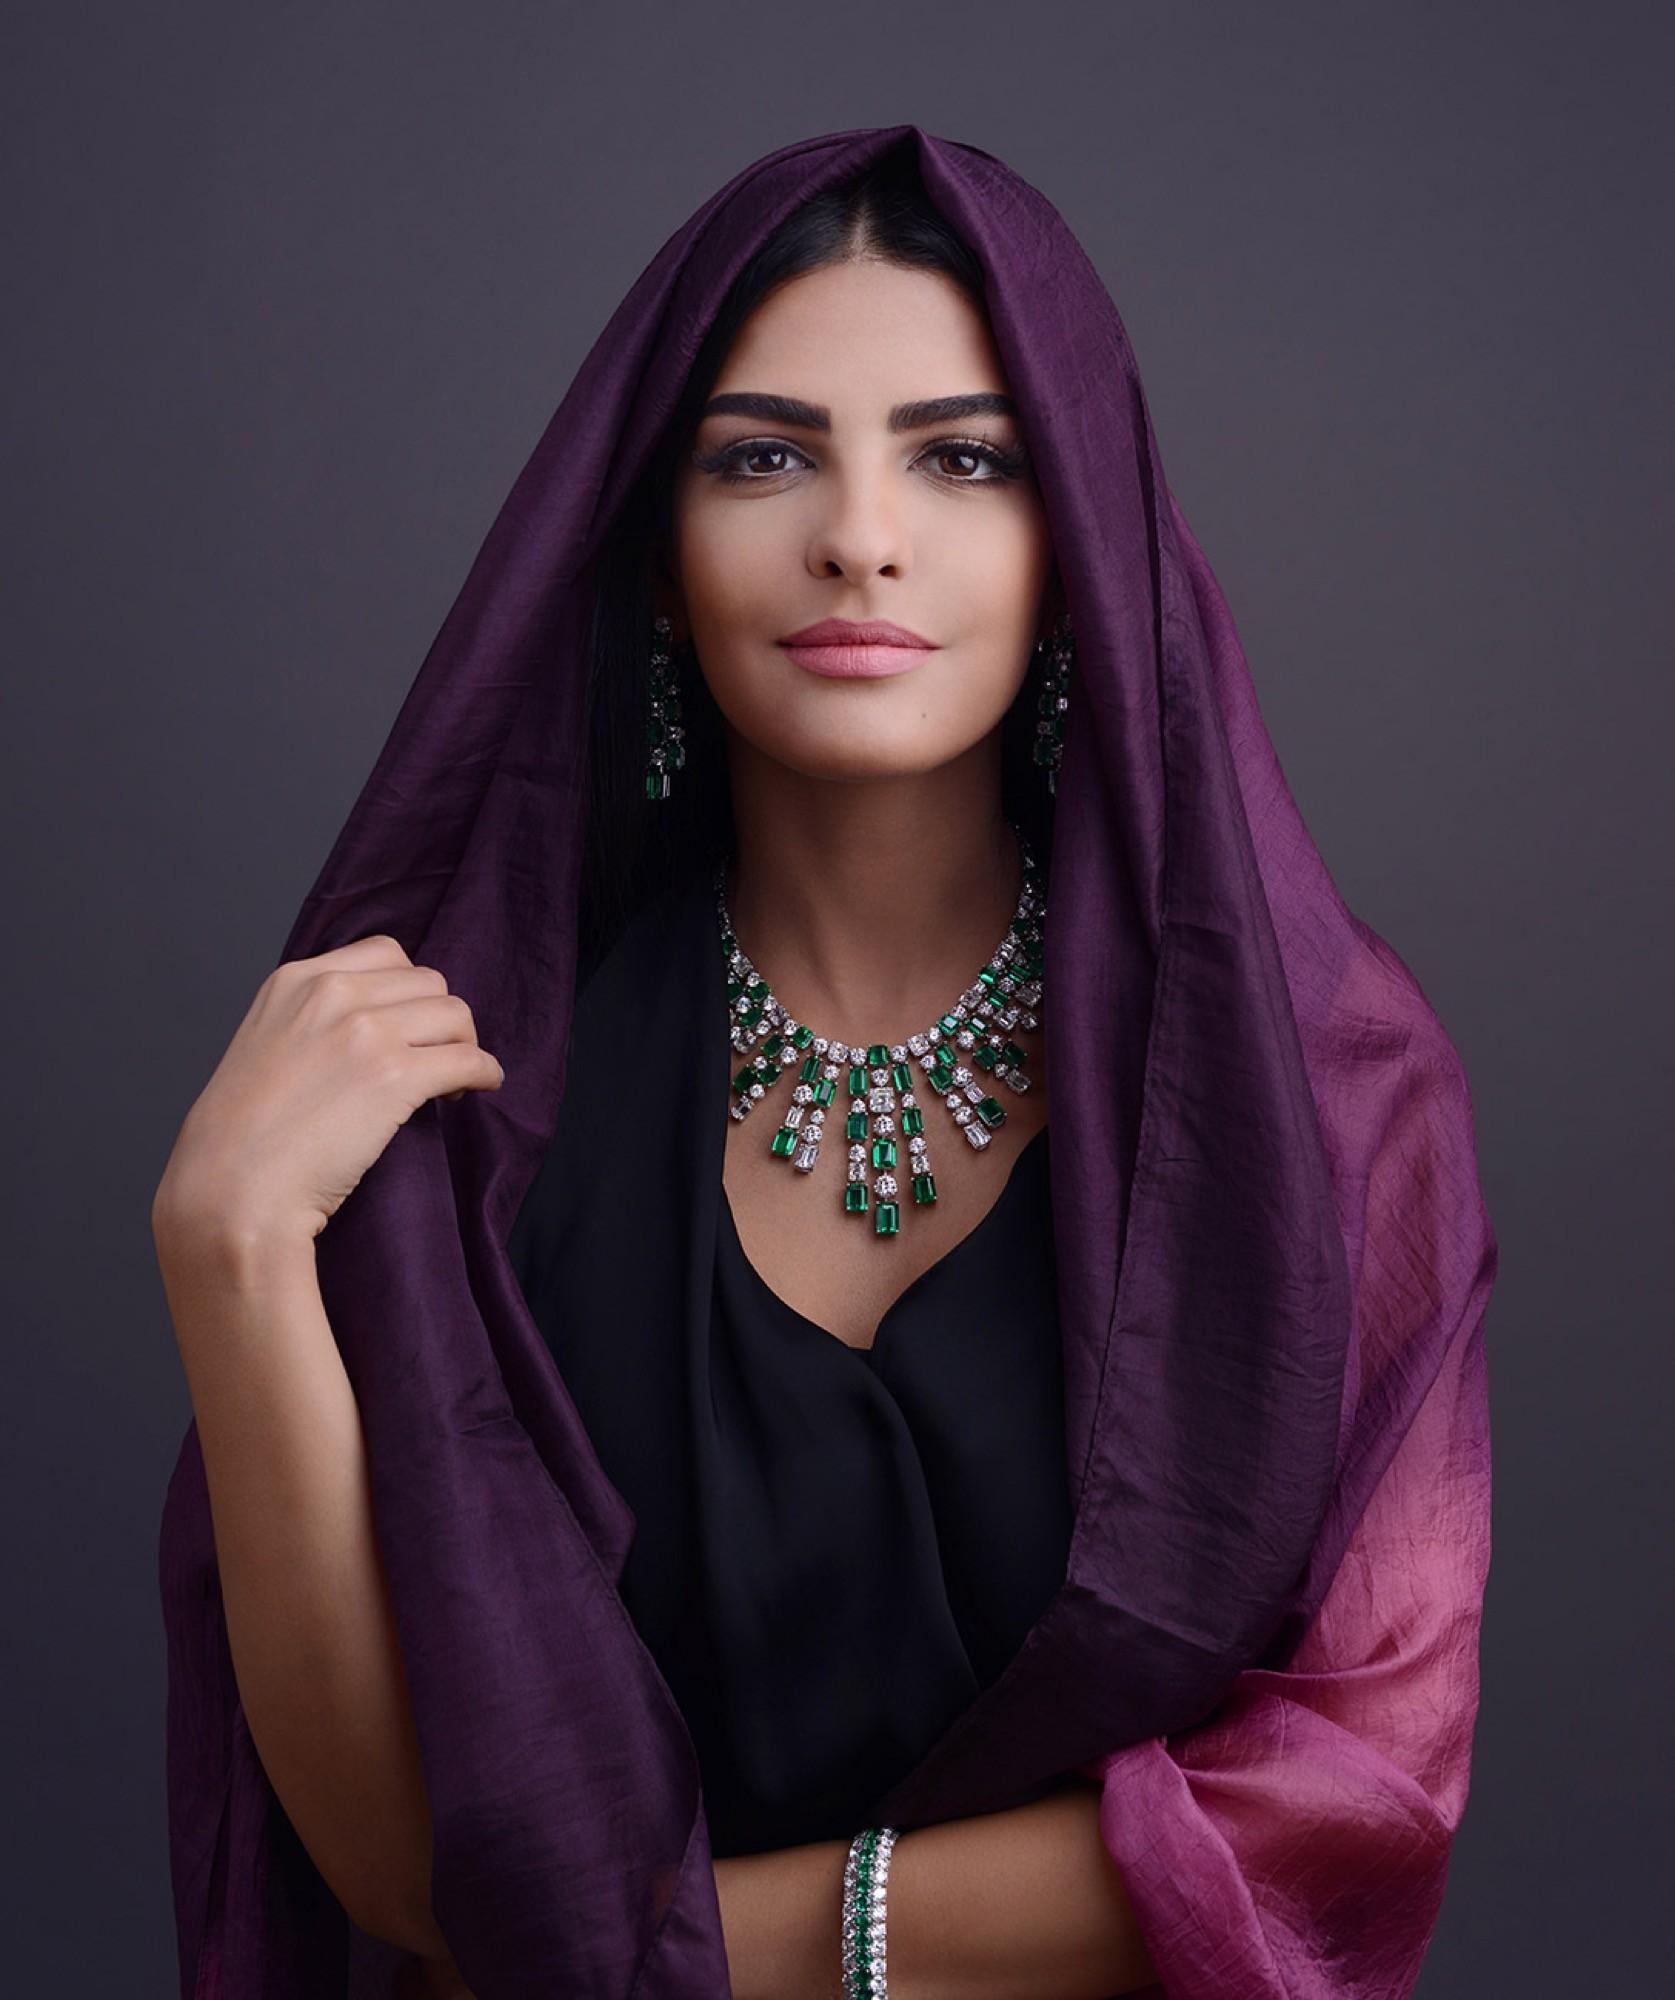 The 7 Most Inspiring Arab Women of 2017 - Savoir Flair